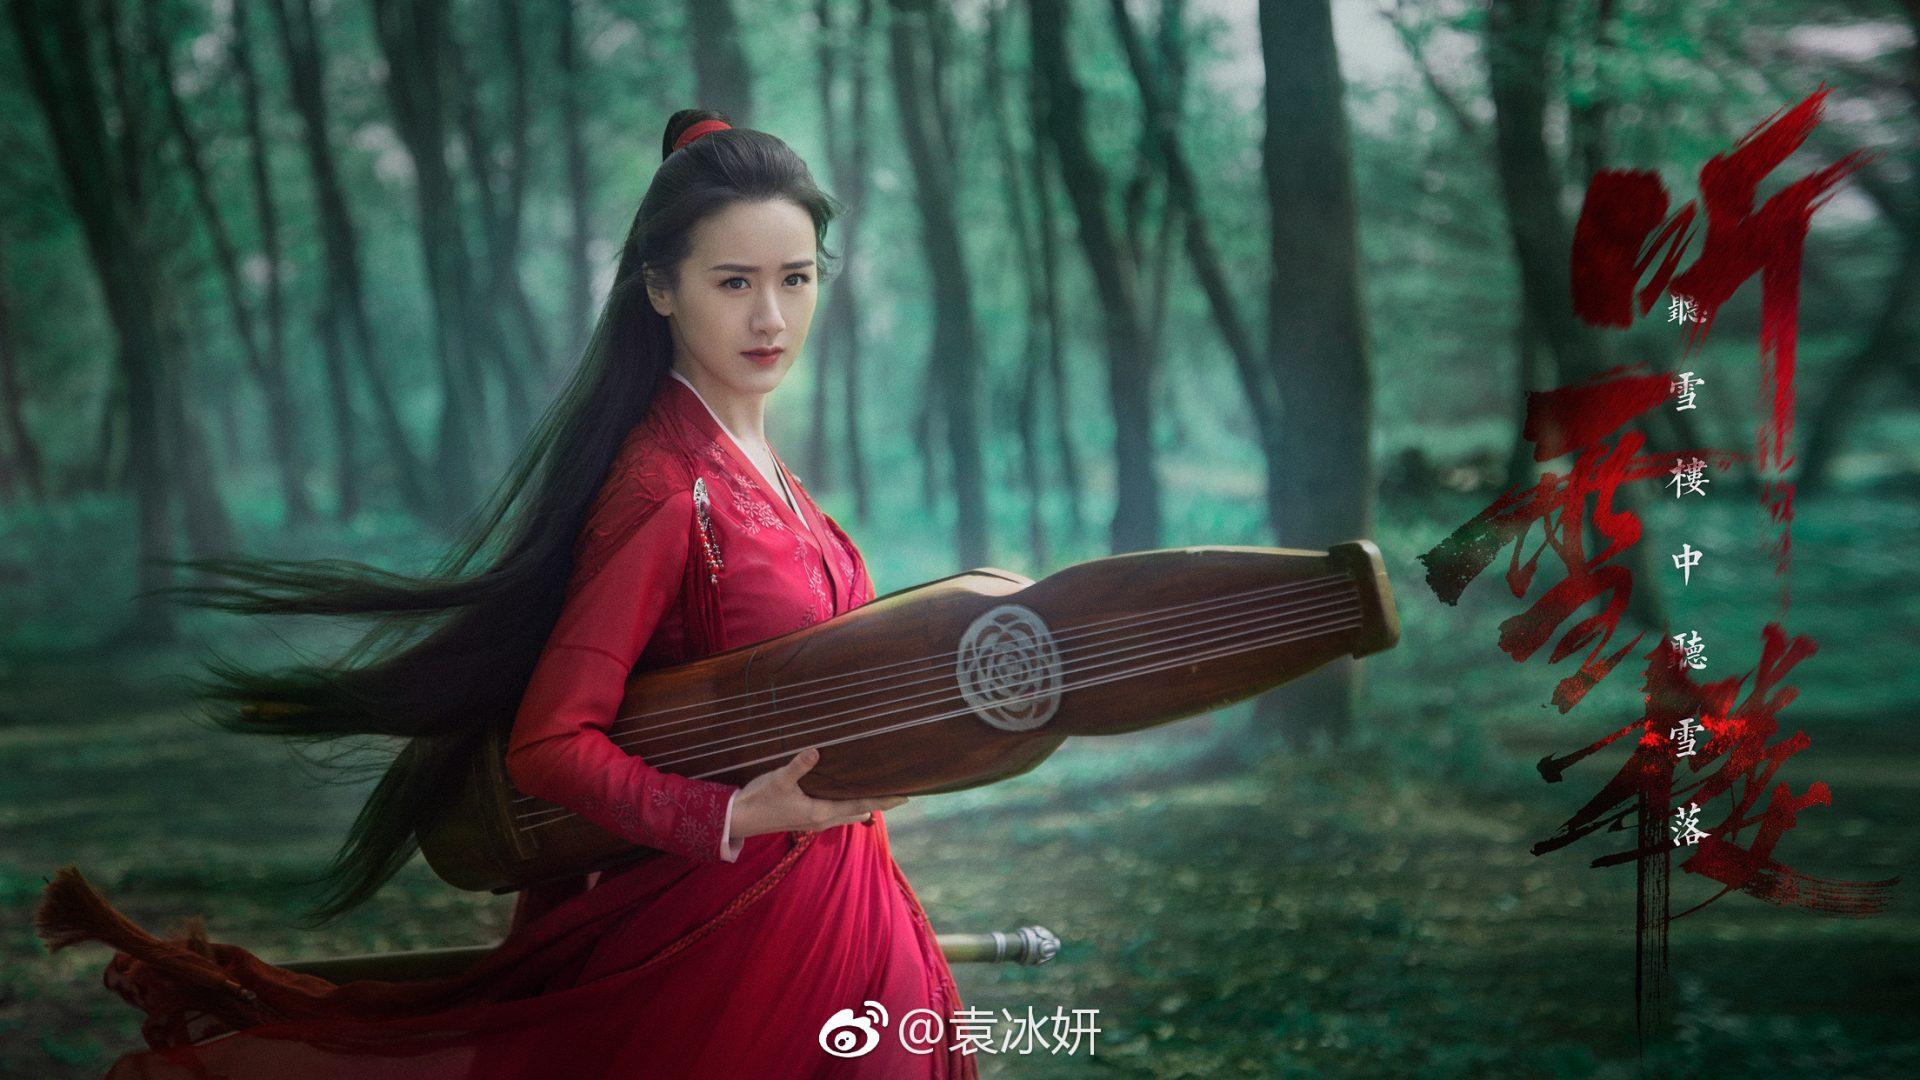 Thính Tuyết Lâu 2019 Viên Băng Nghiên trong vai Thư Tịnh Dung